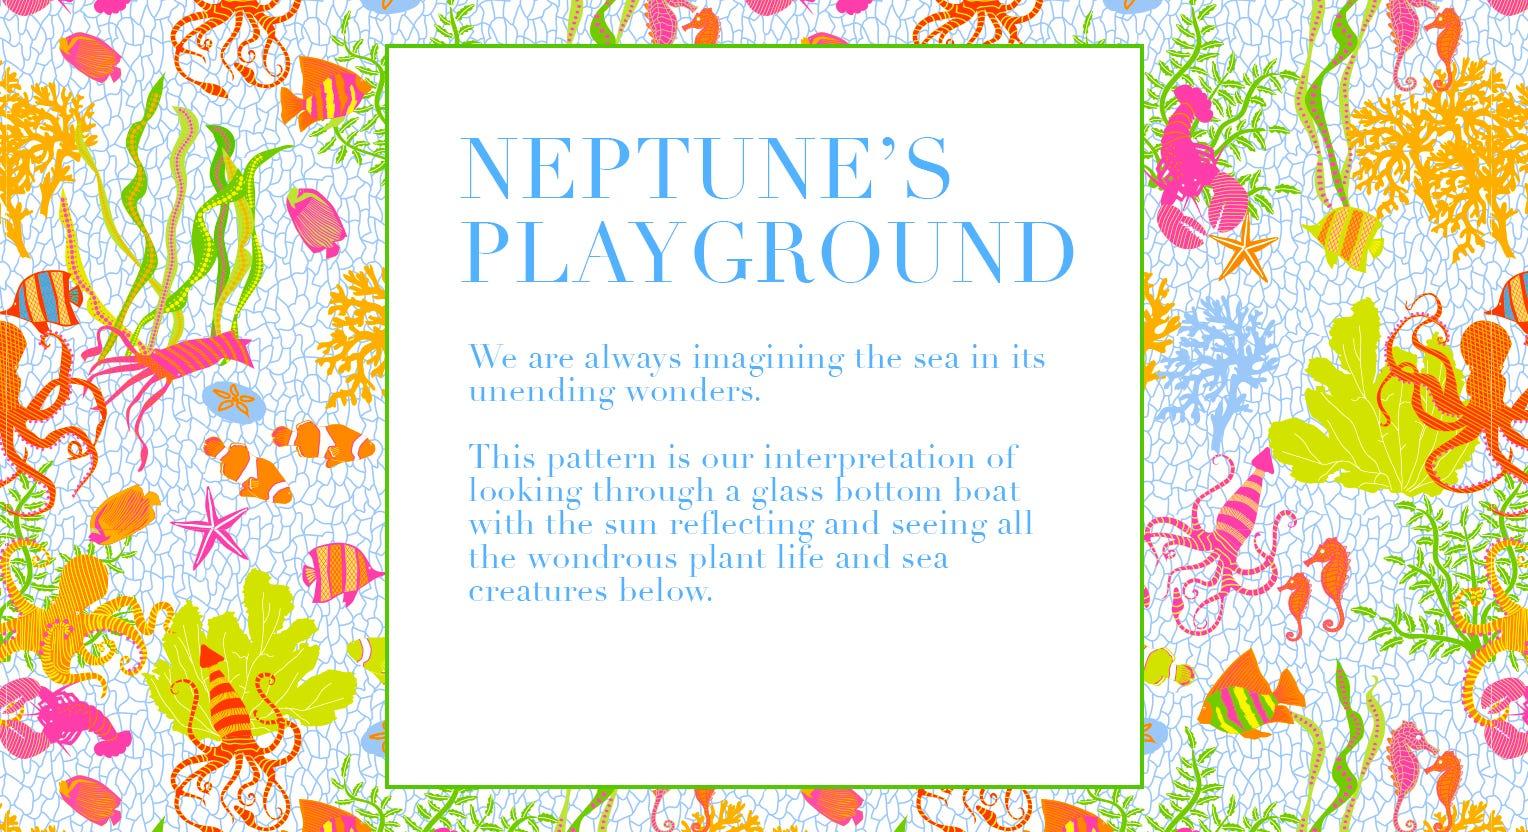 Neptune's Playground